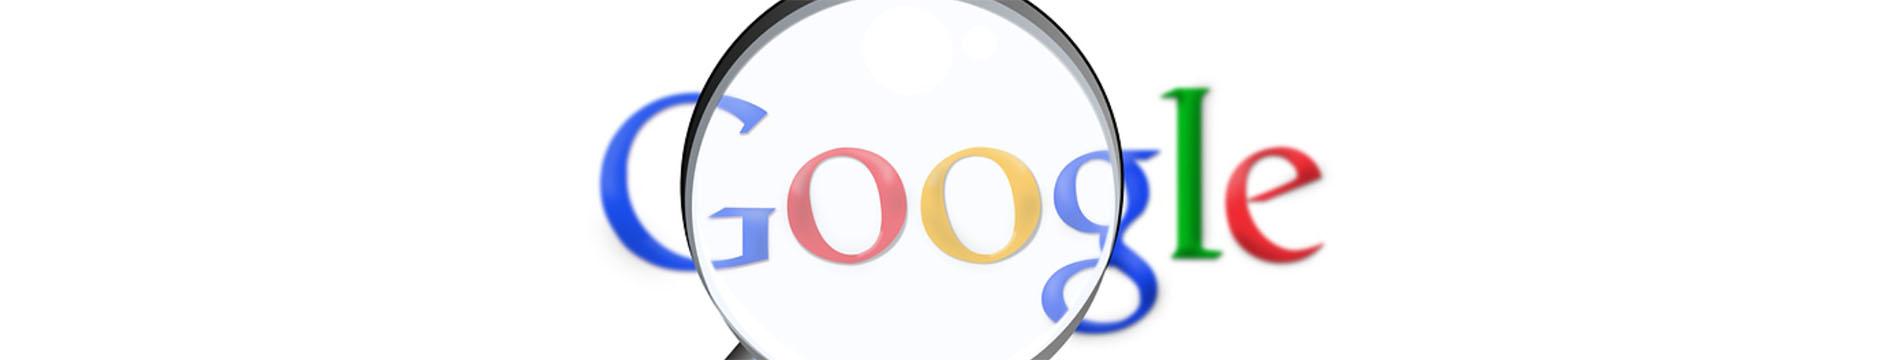 google verwijderverzoek